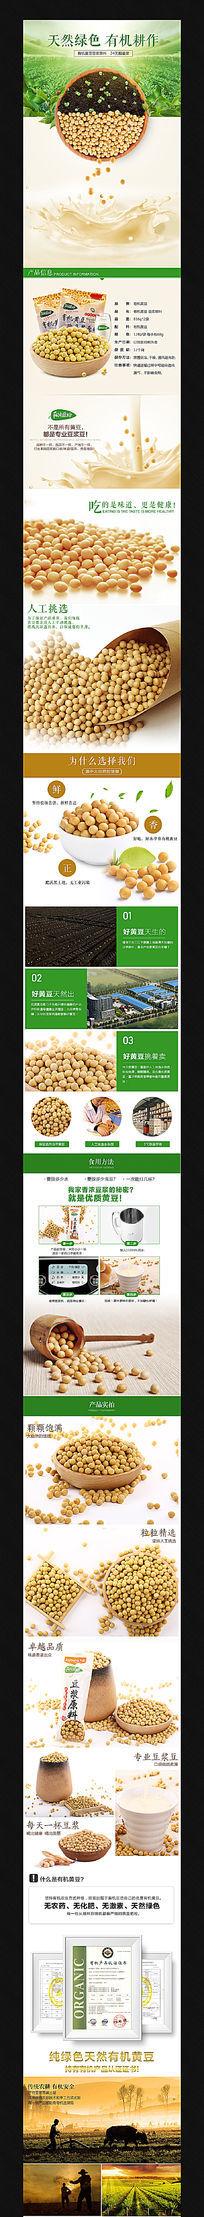 淘宝黄豆详情页细节描述 PSD